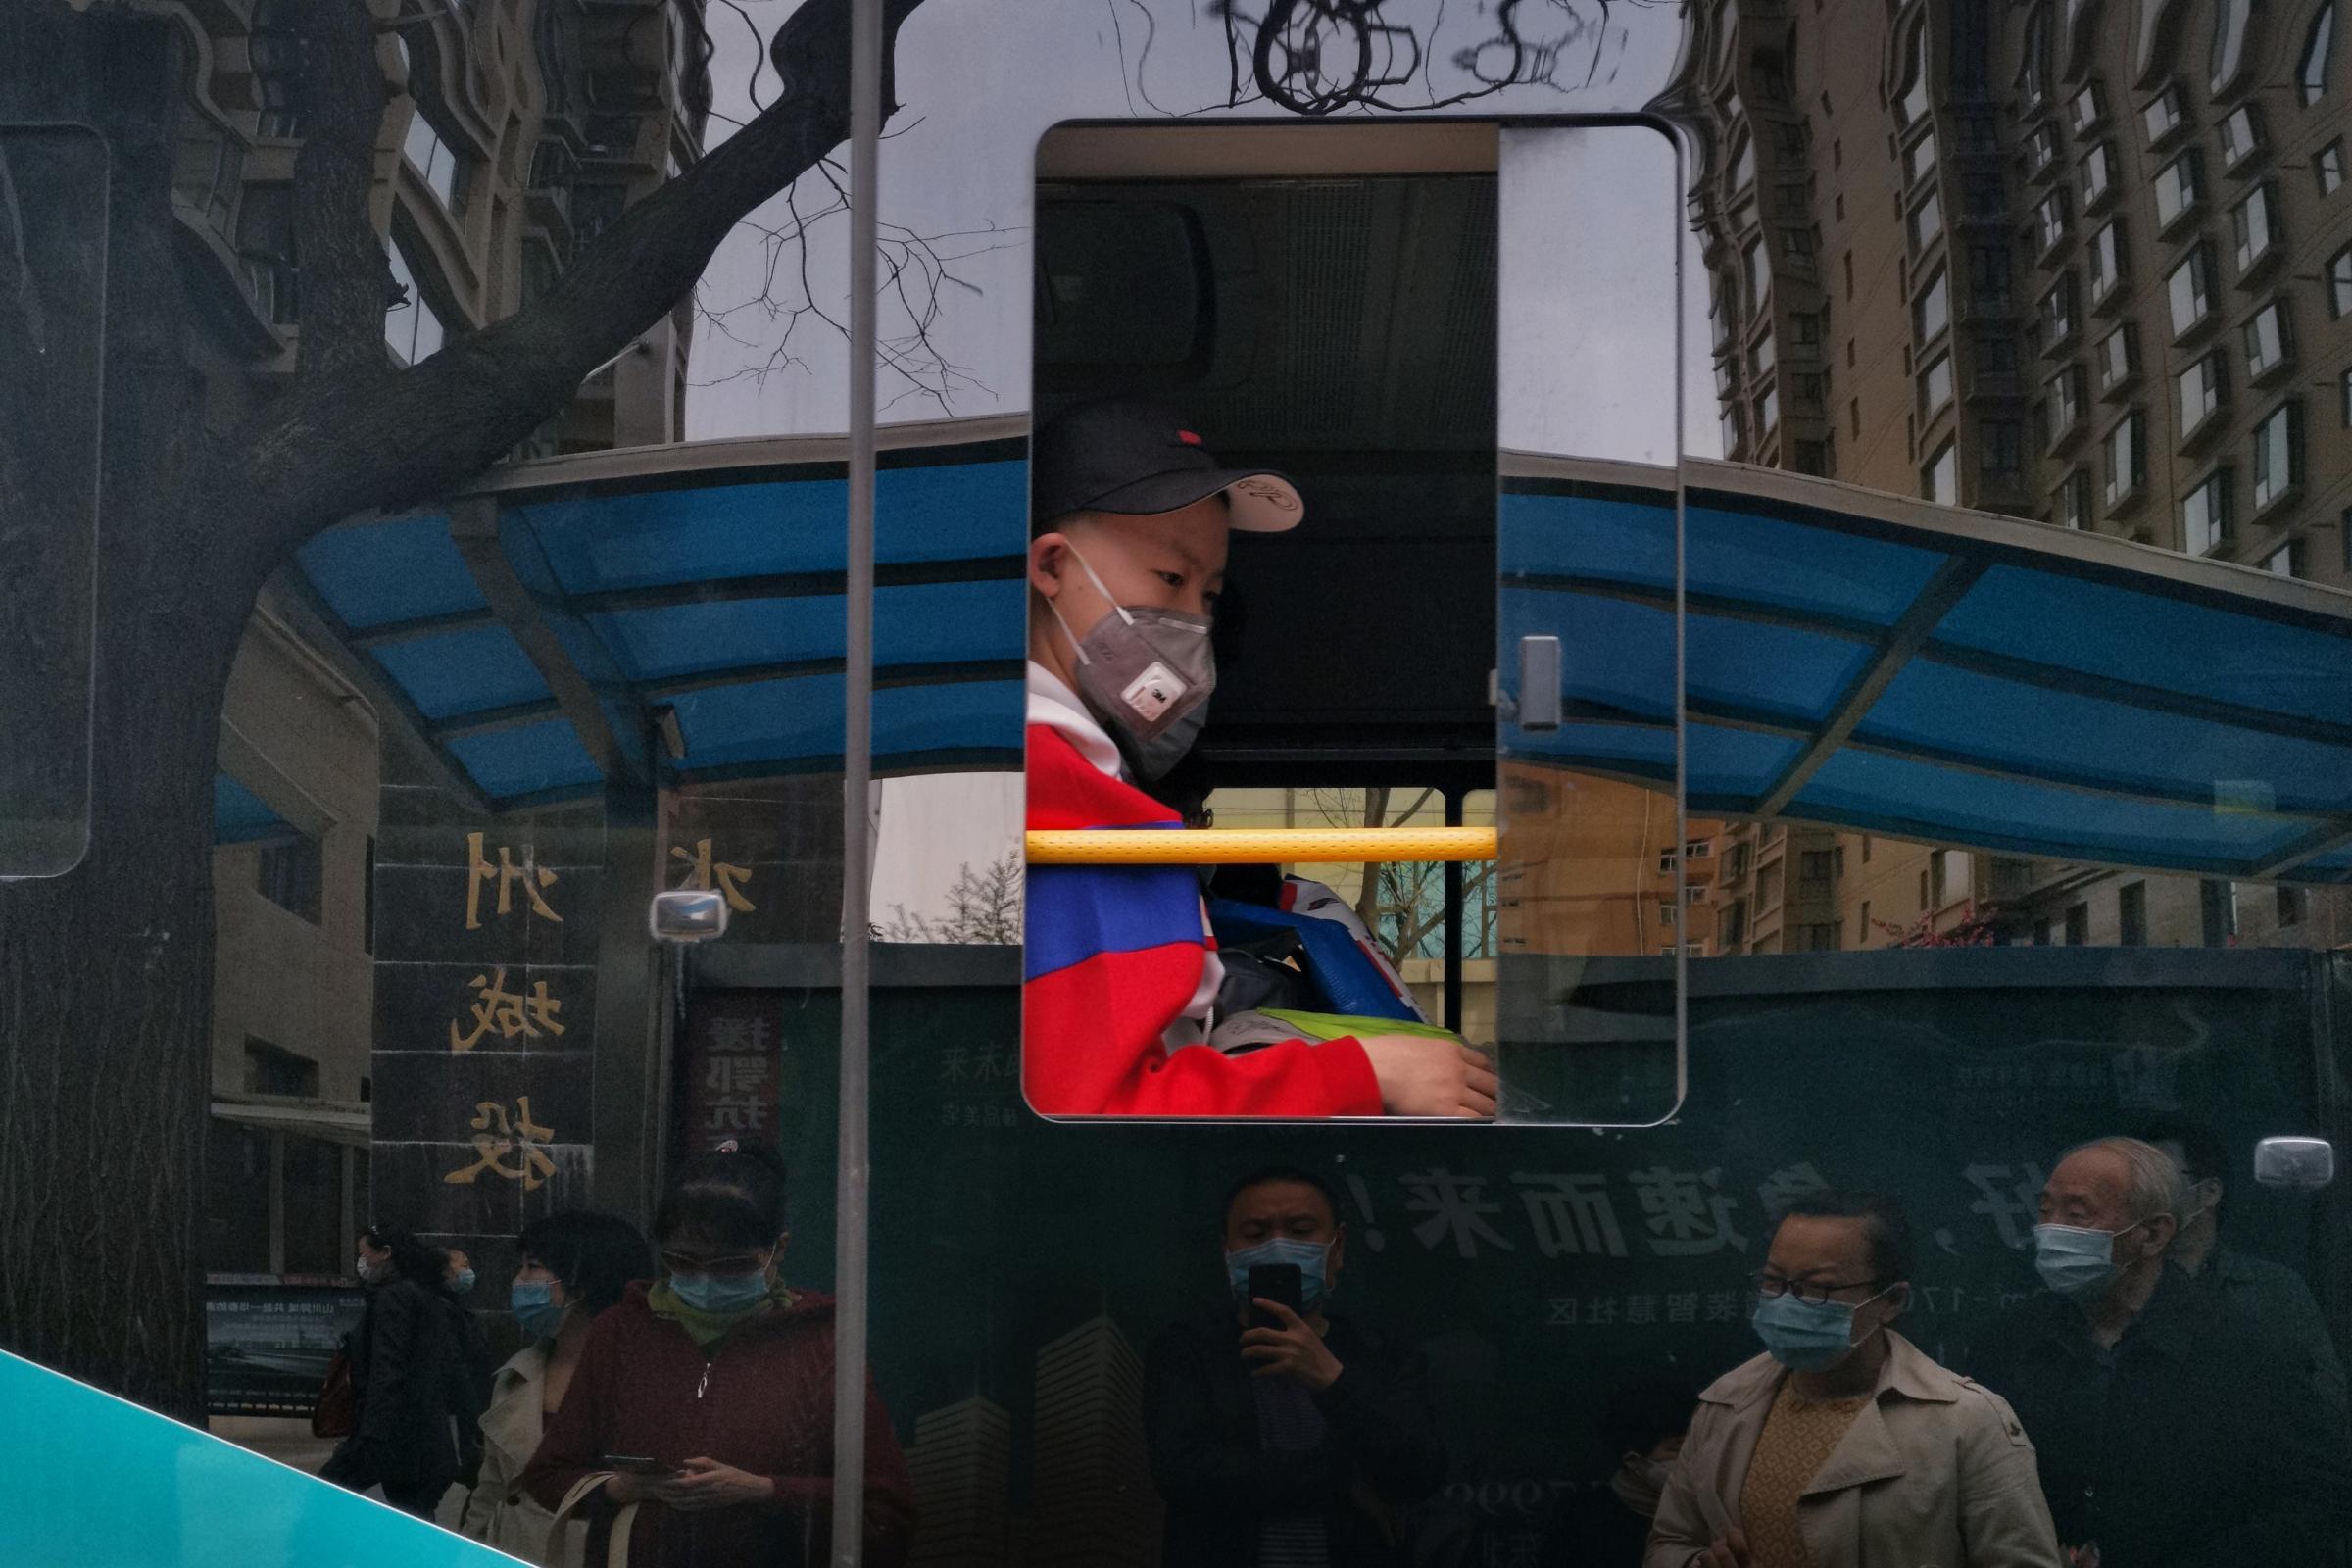 hk_c_6、峰  抓拍疫情下公交車上的孩子和公交車玻璃反光出來的車站等候進站的乘客。.jpeg